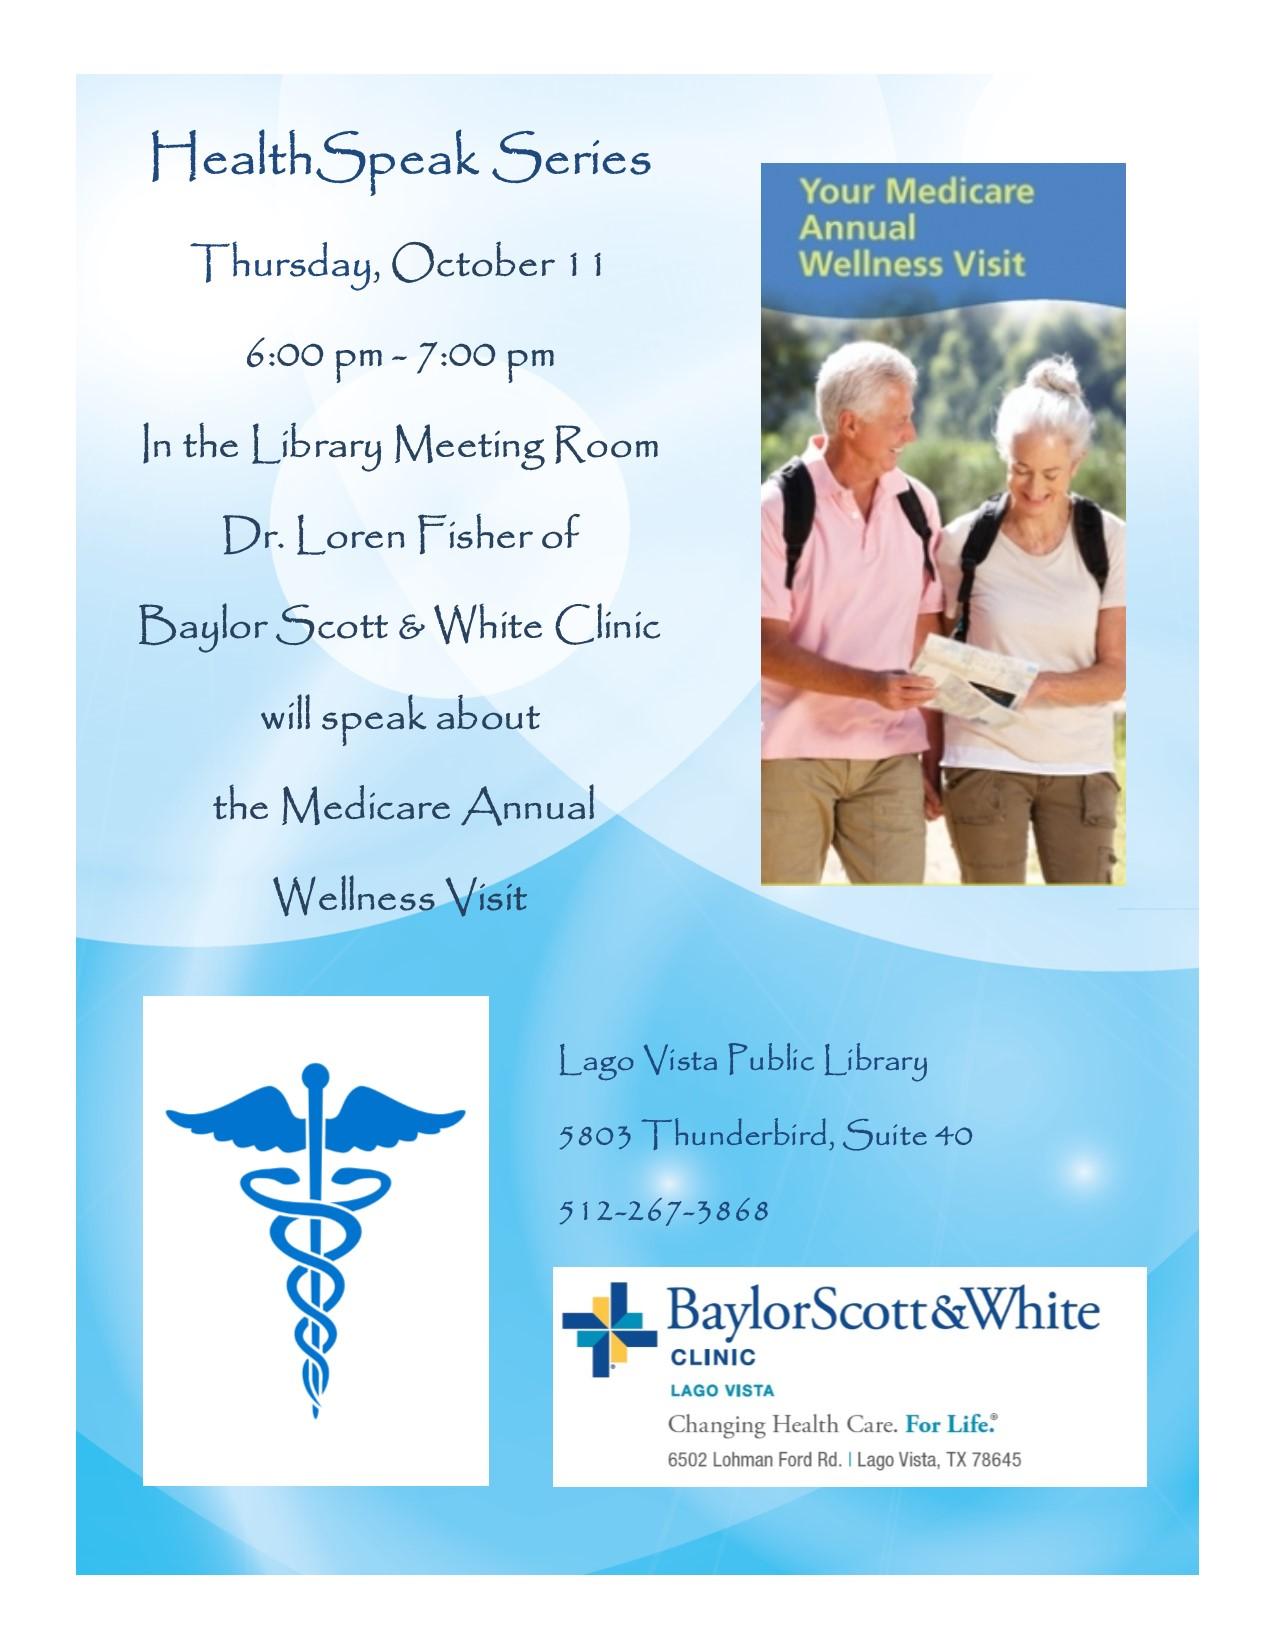 Health Speak Series Medicare Annual Wellness reschedule.jpg